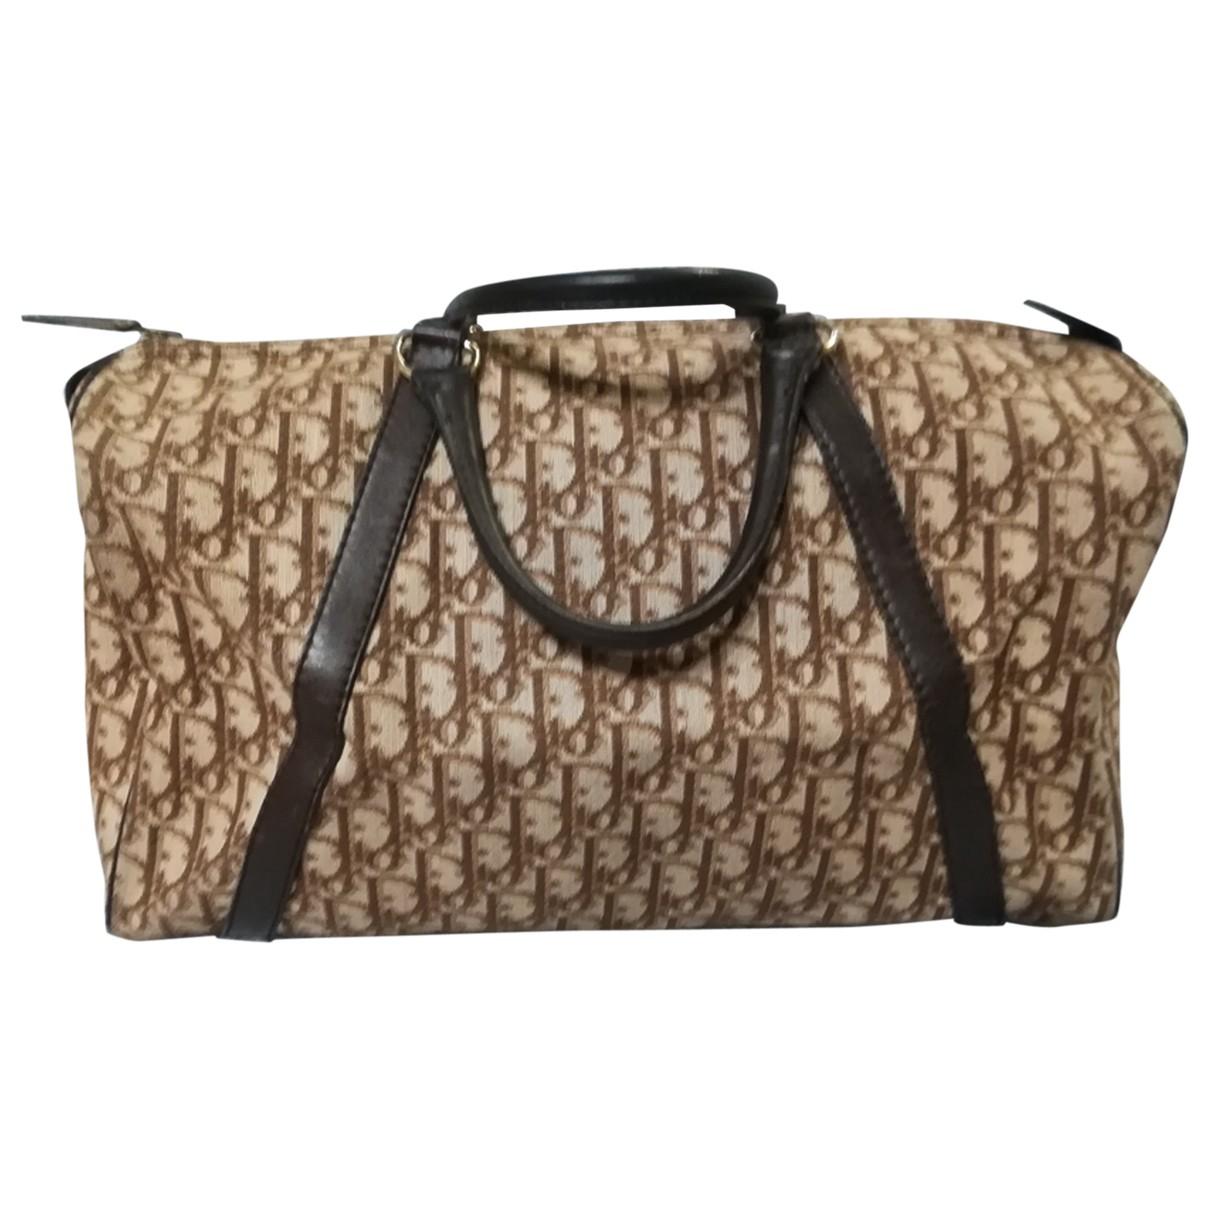 Dior N Camel Cloth handbag for Women N